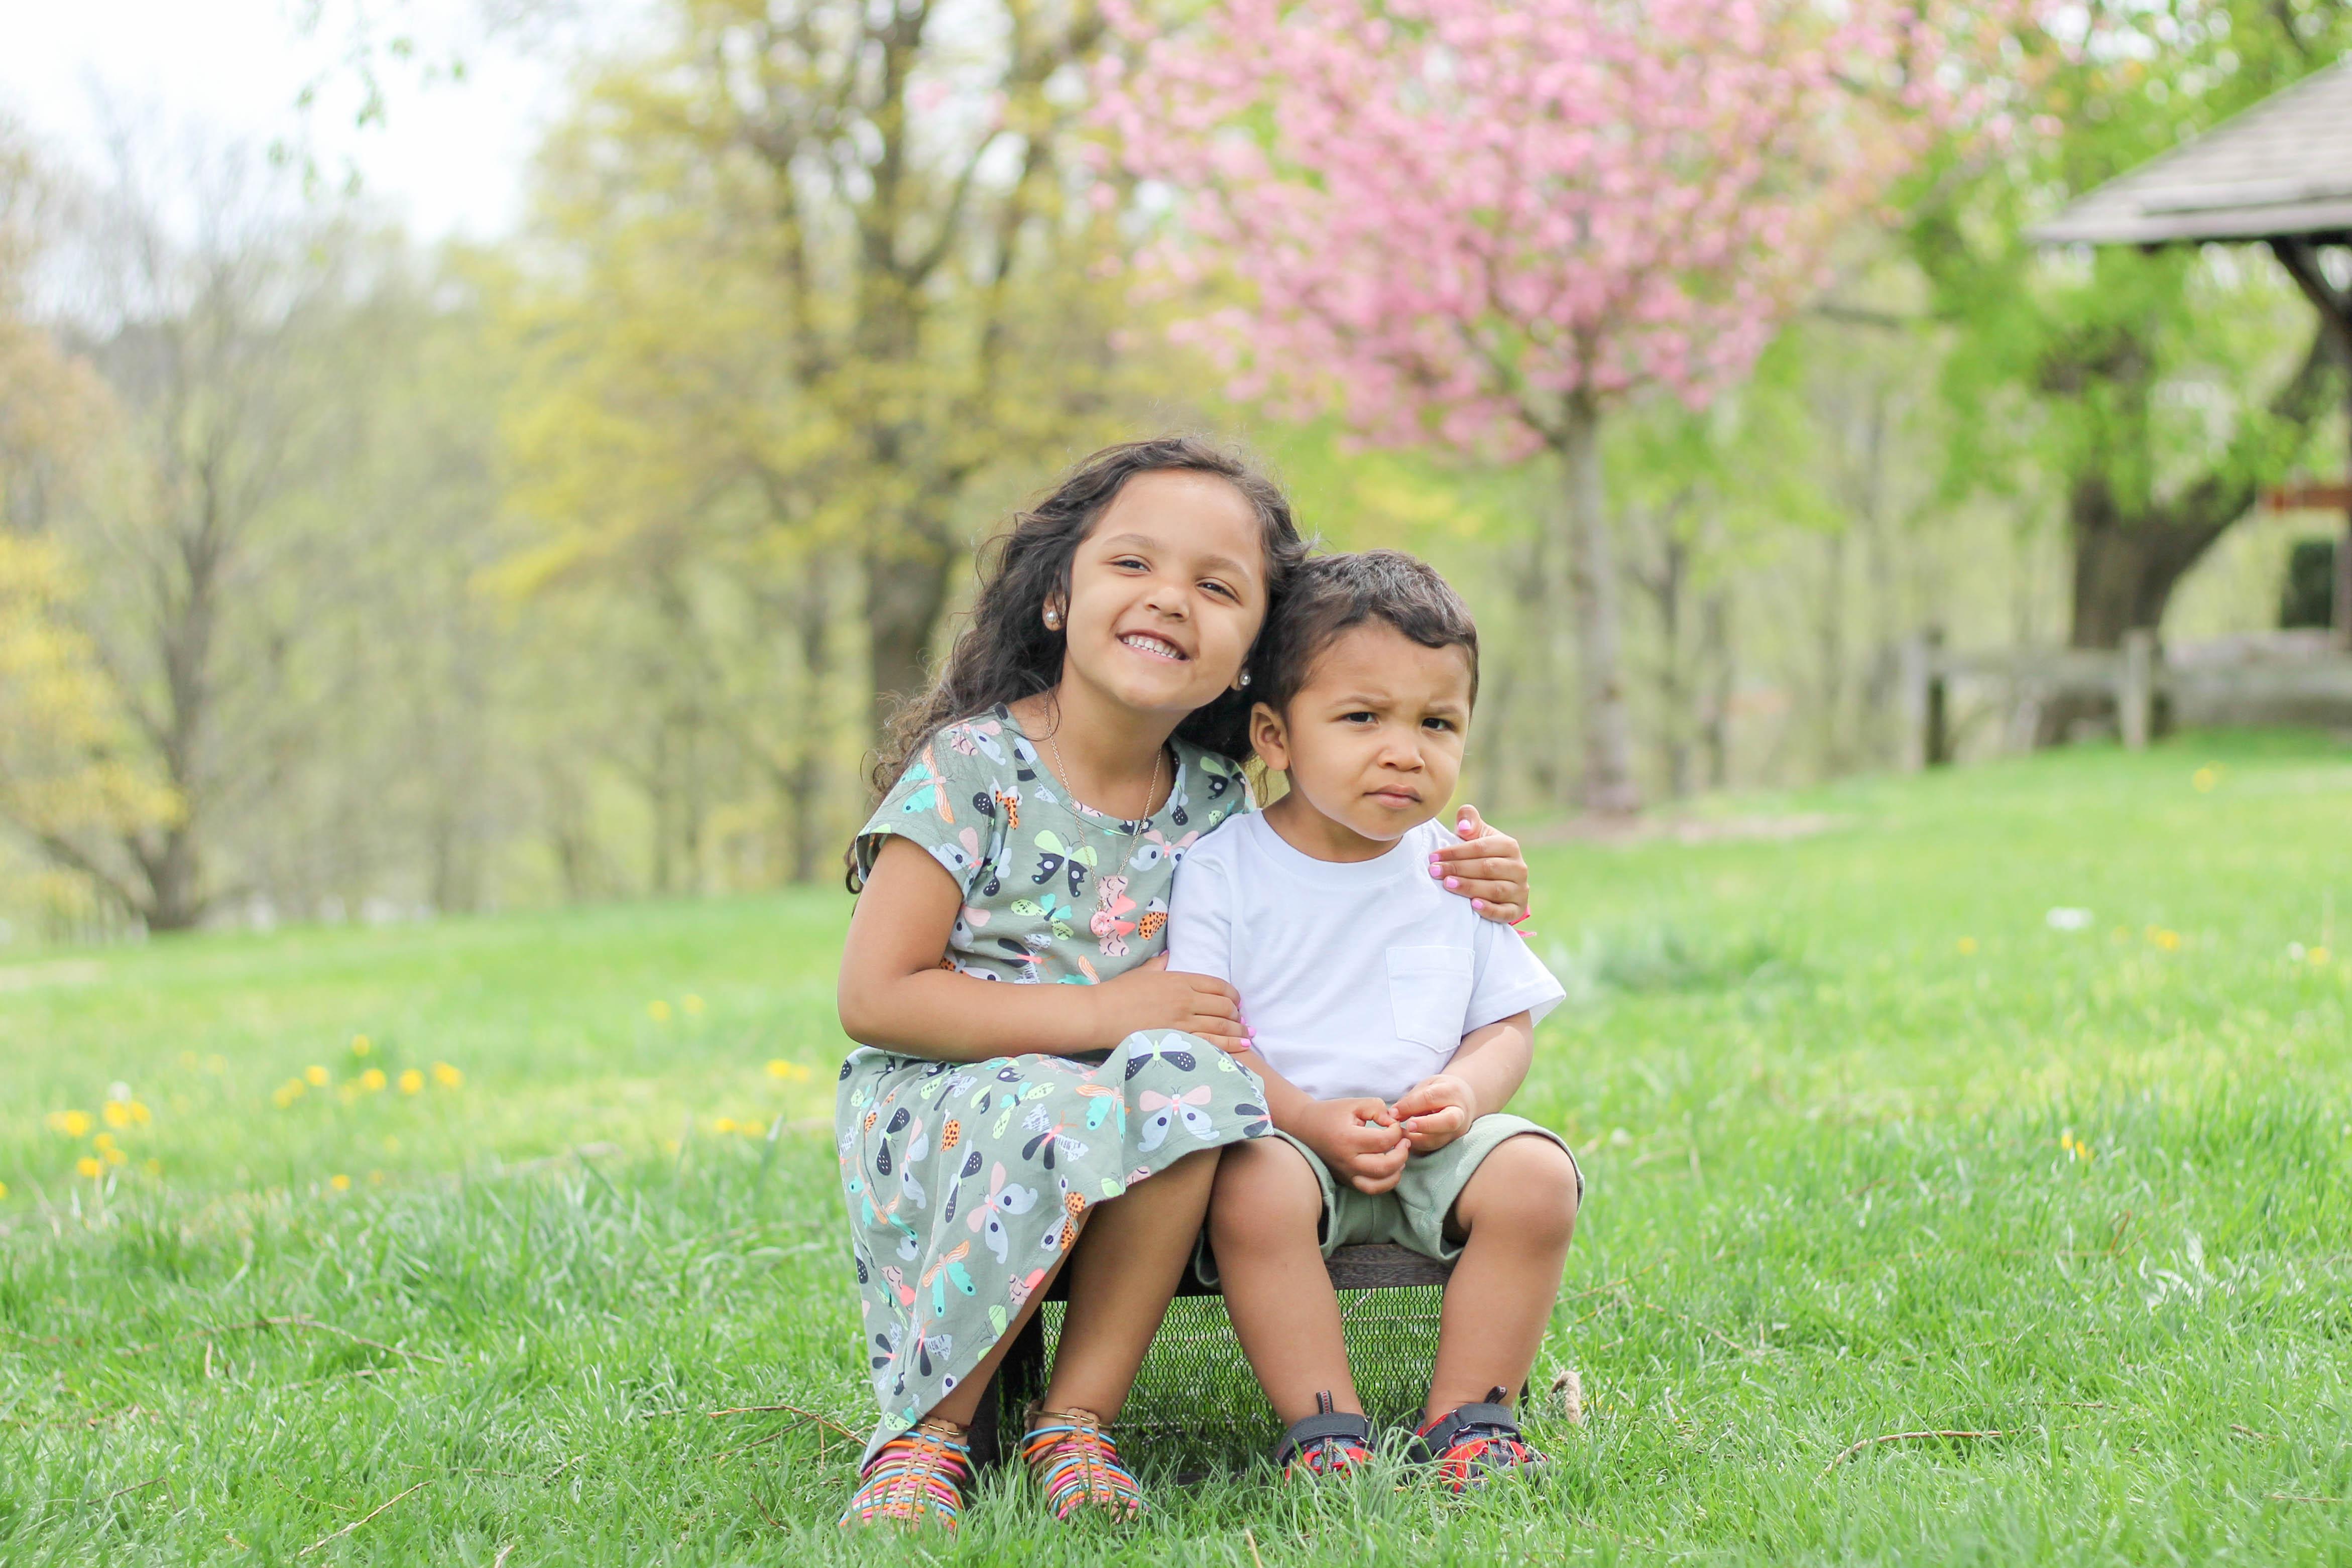 family portrait session danbury Connecticut Courtney lewis family portrait photography